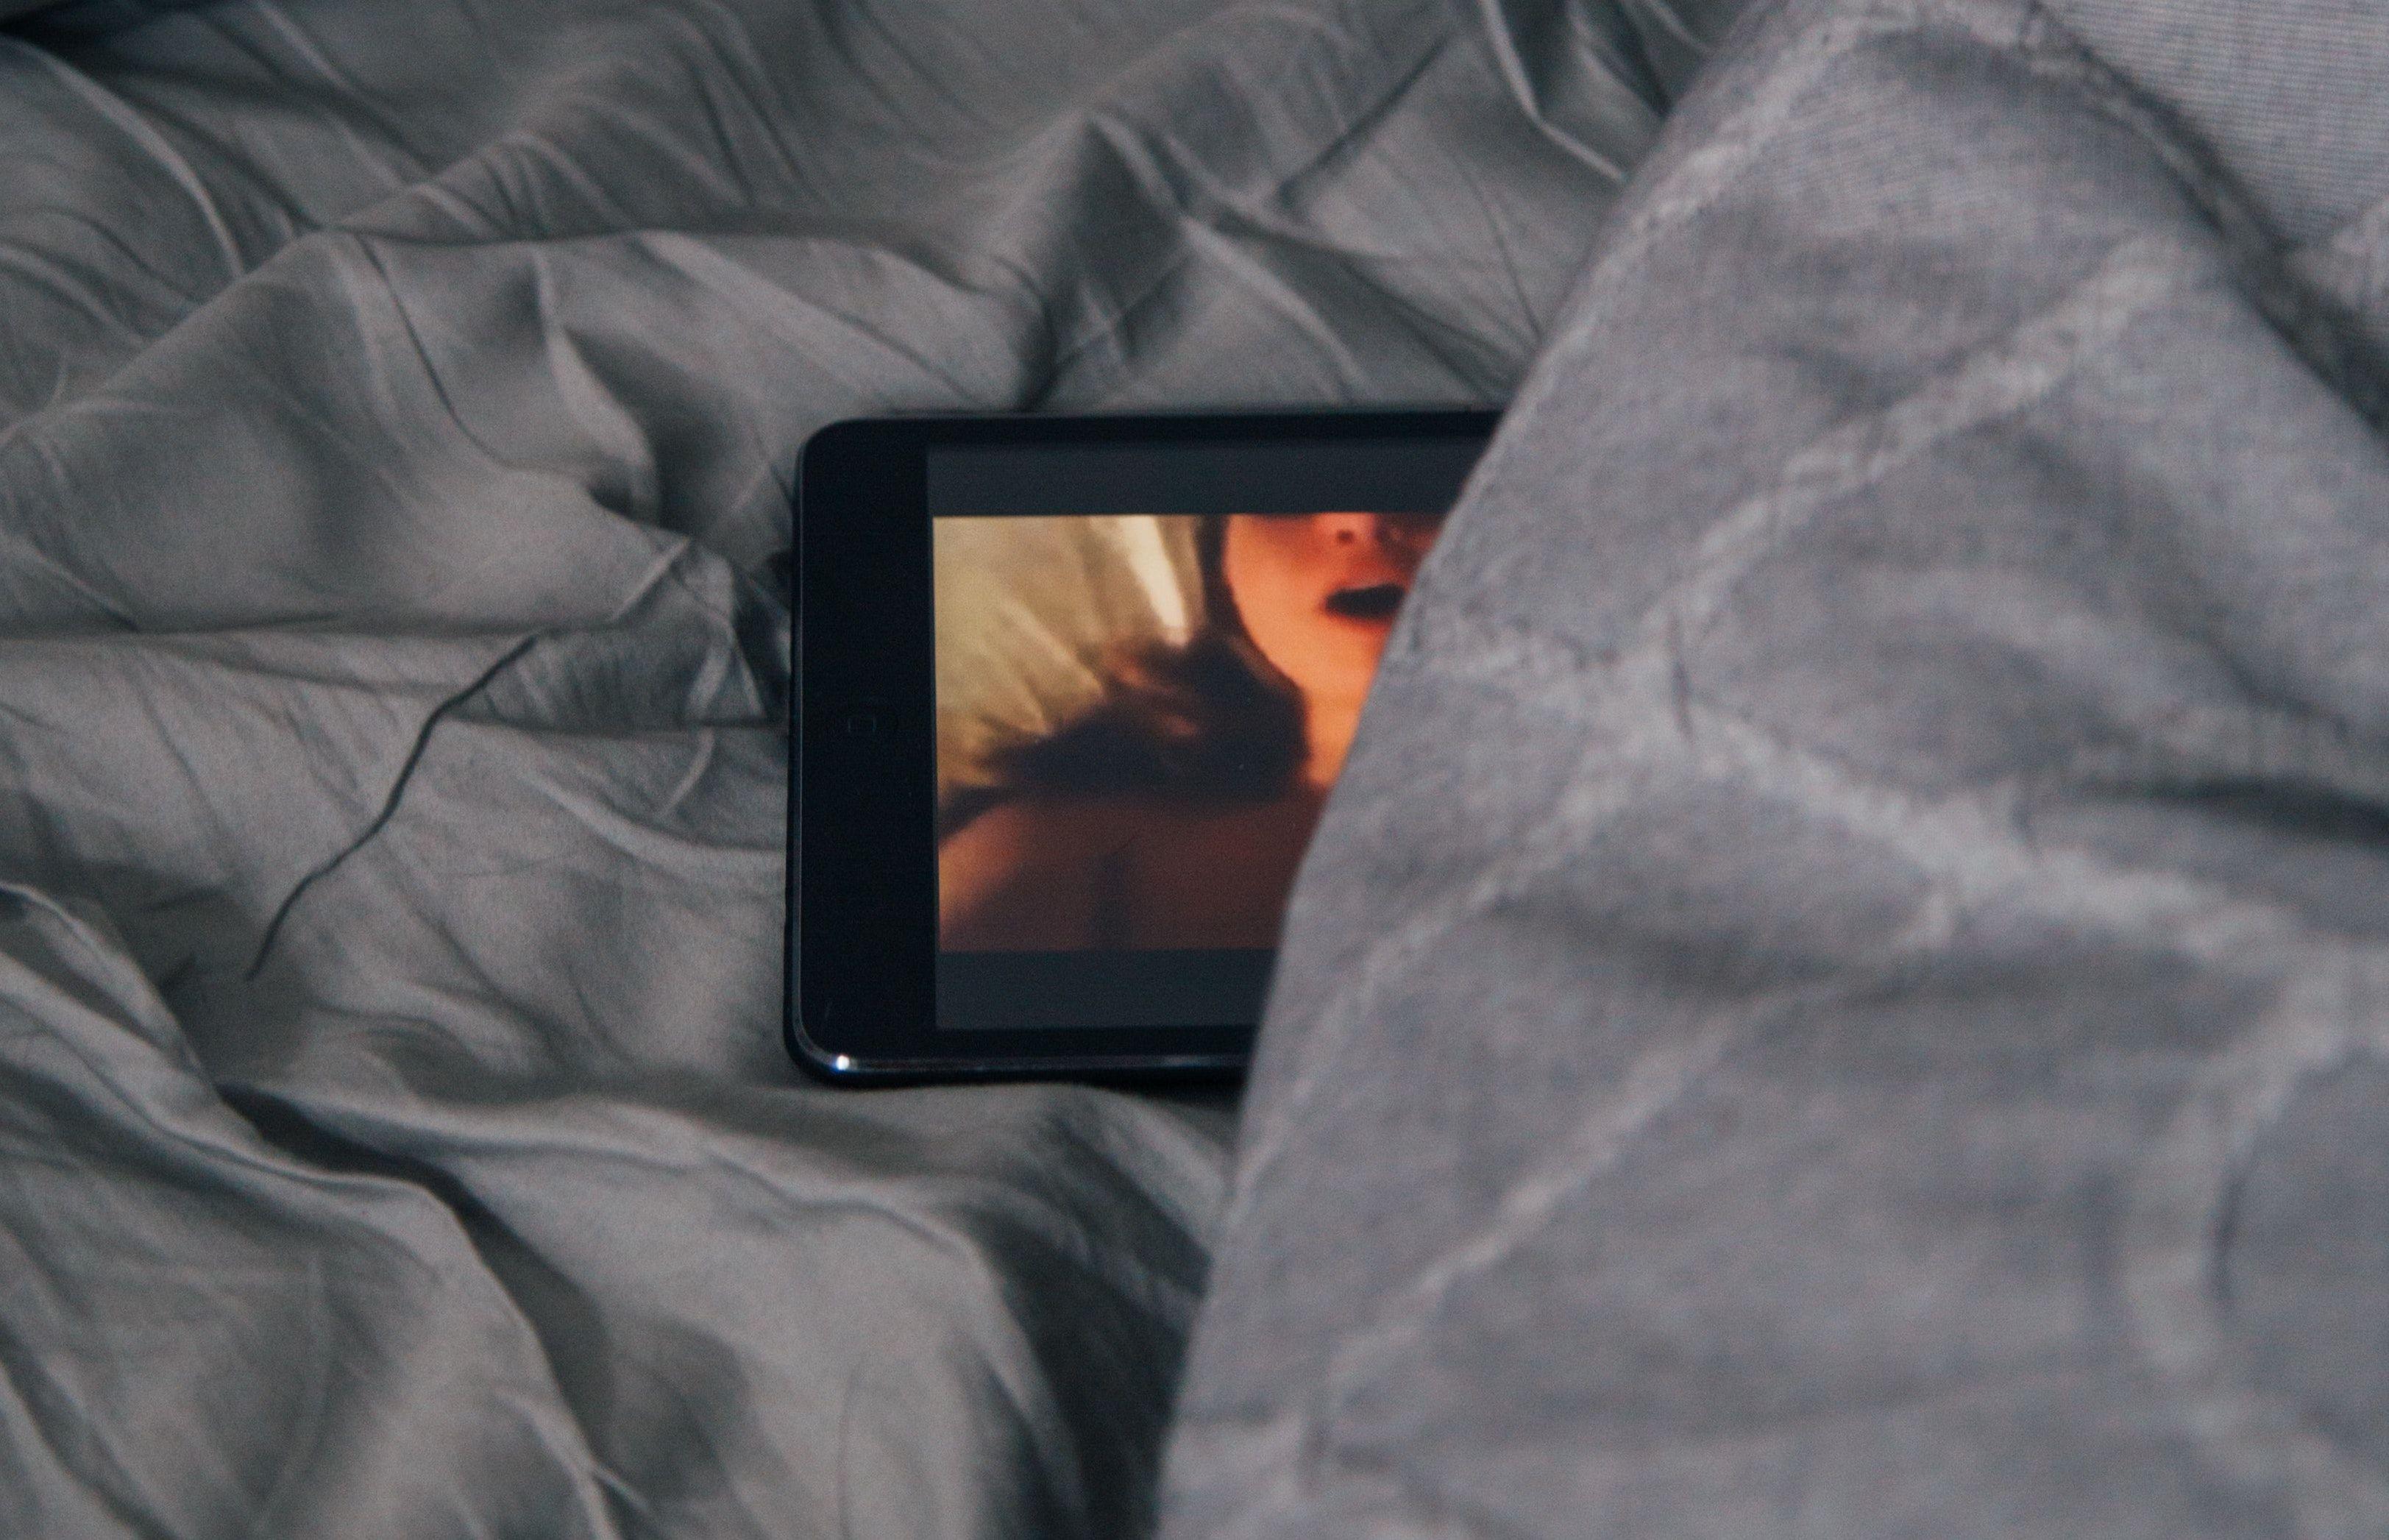 Porno på en mobilskjerm.